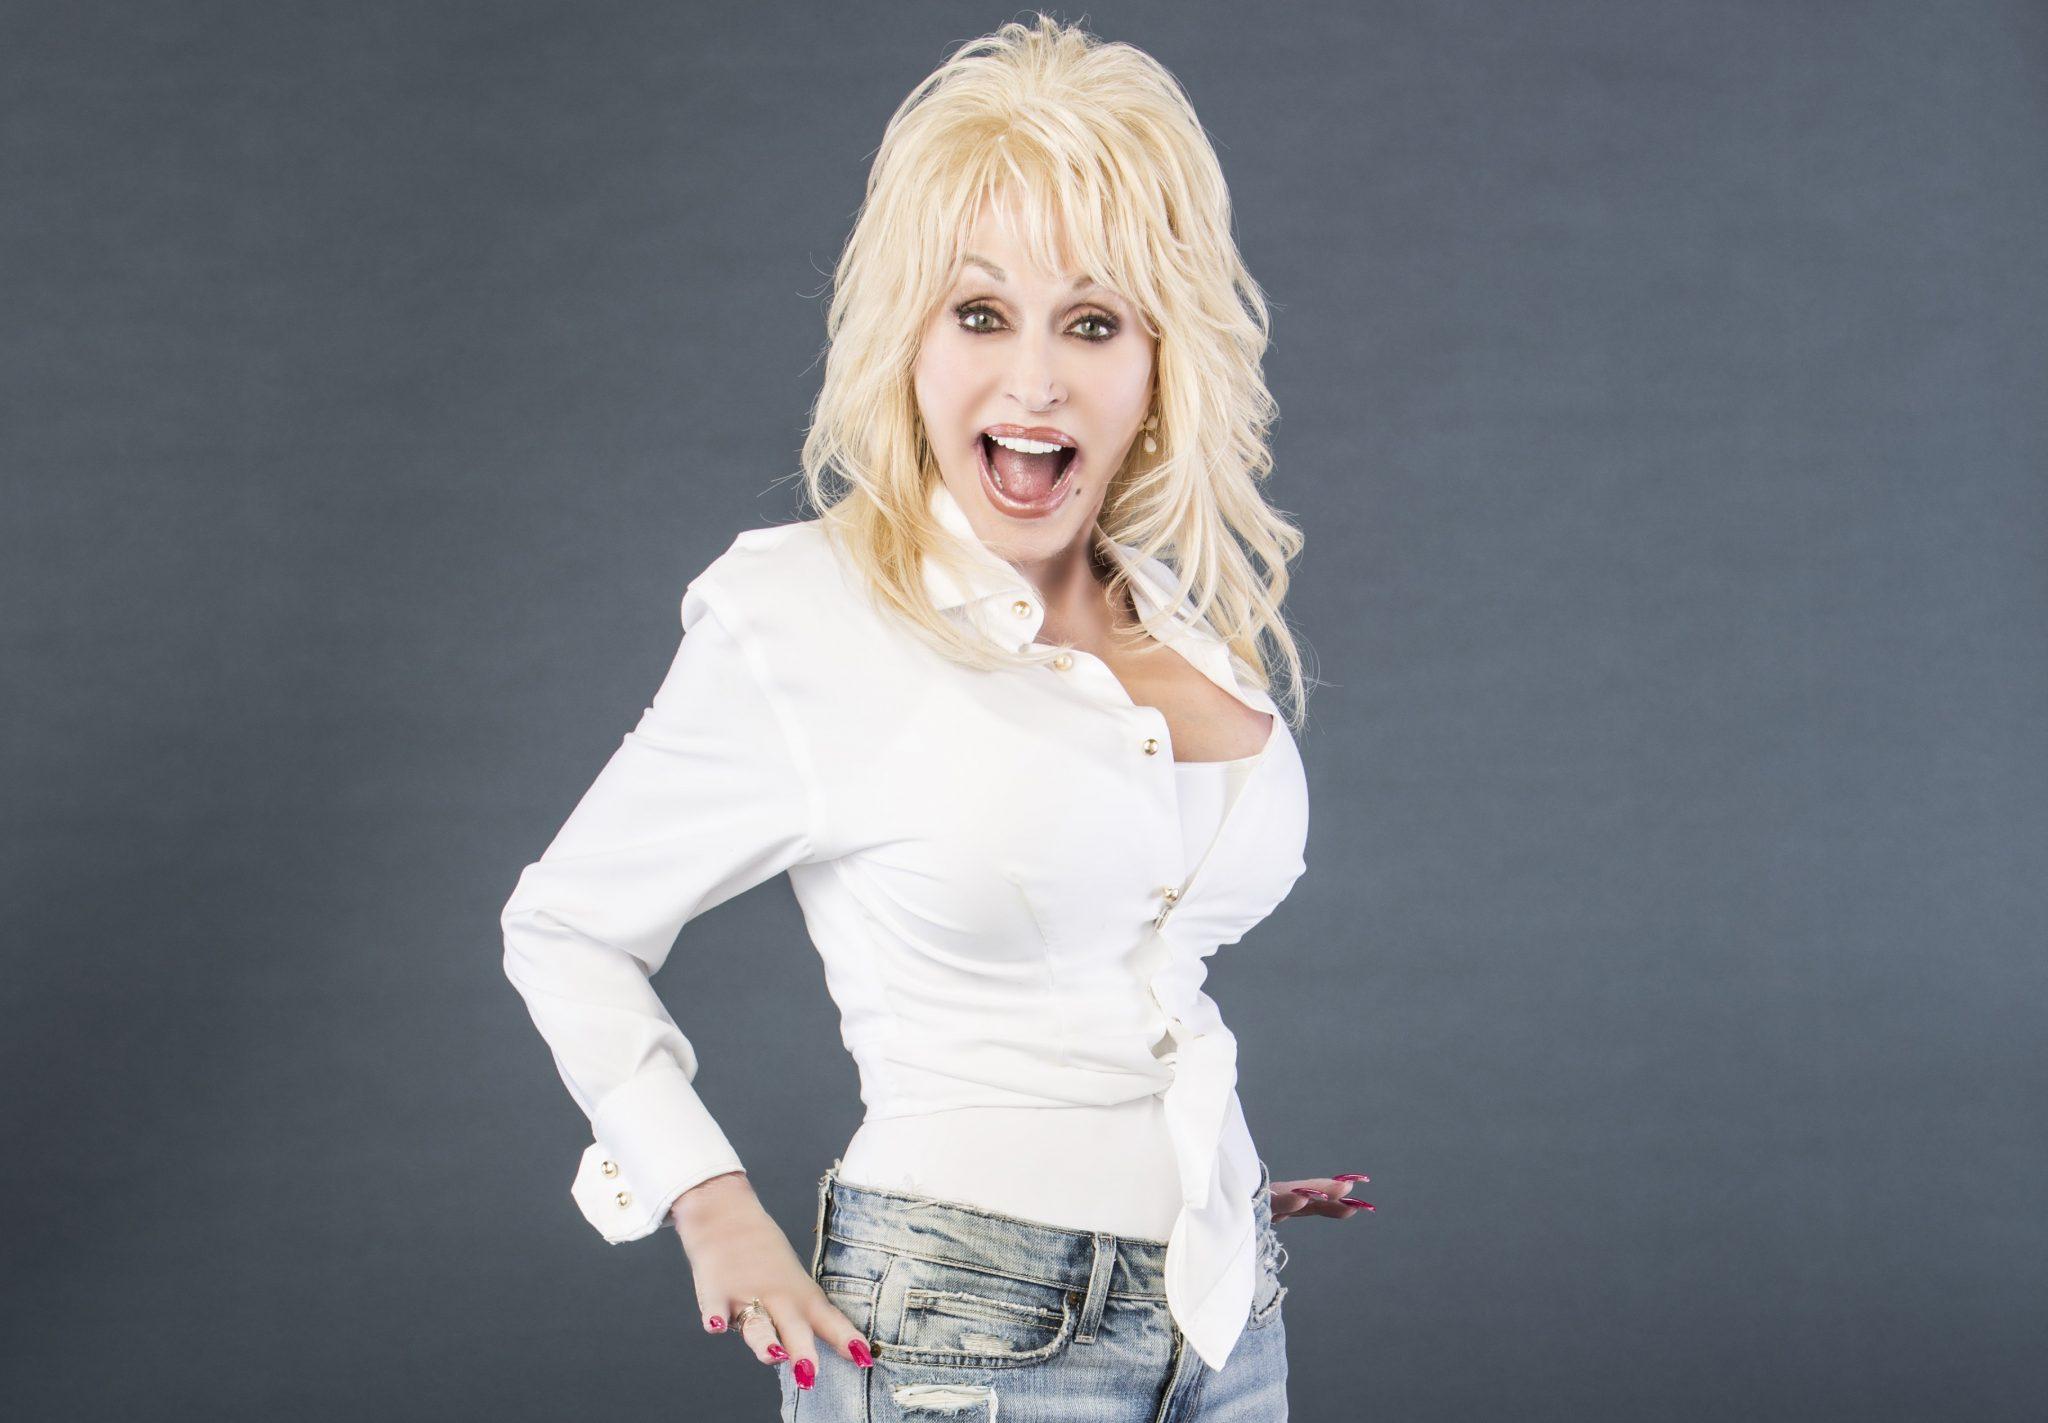 TELUS Optik TV Says Hello Dolly Parton!